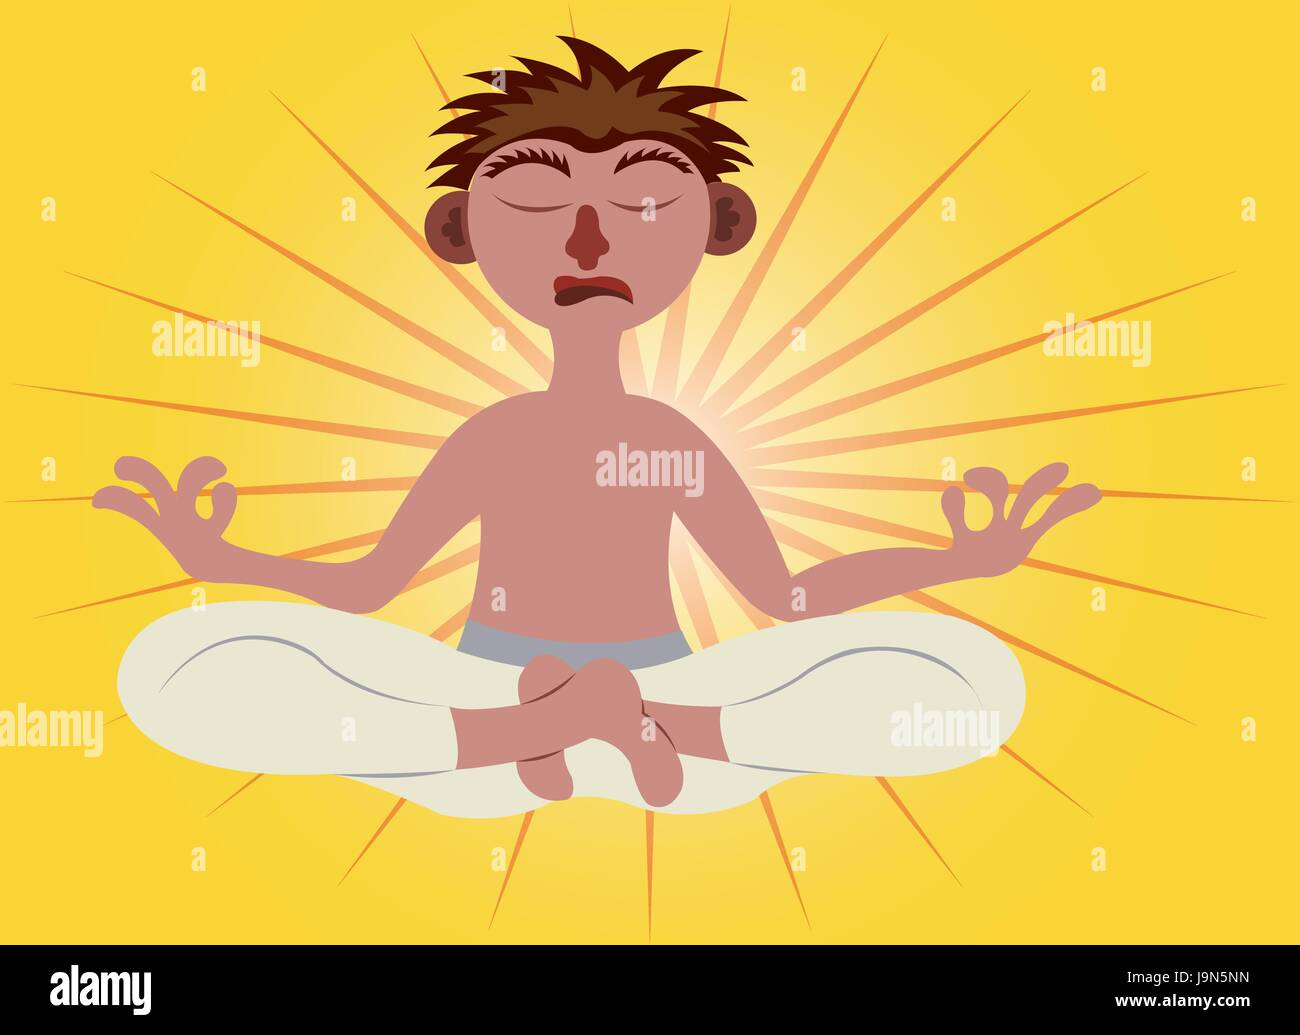 a spiritual man meditating - Stock Vector